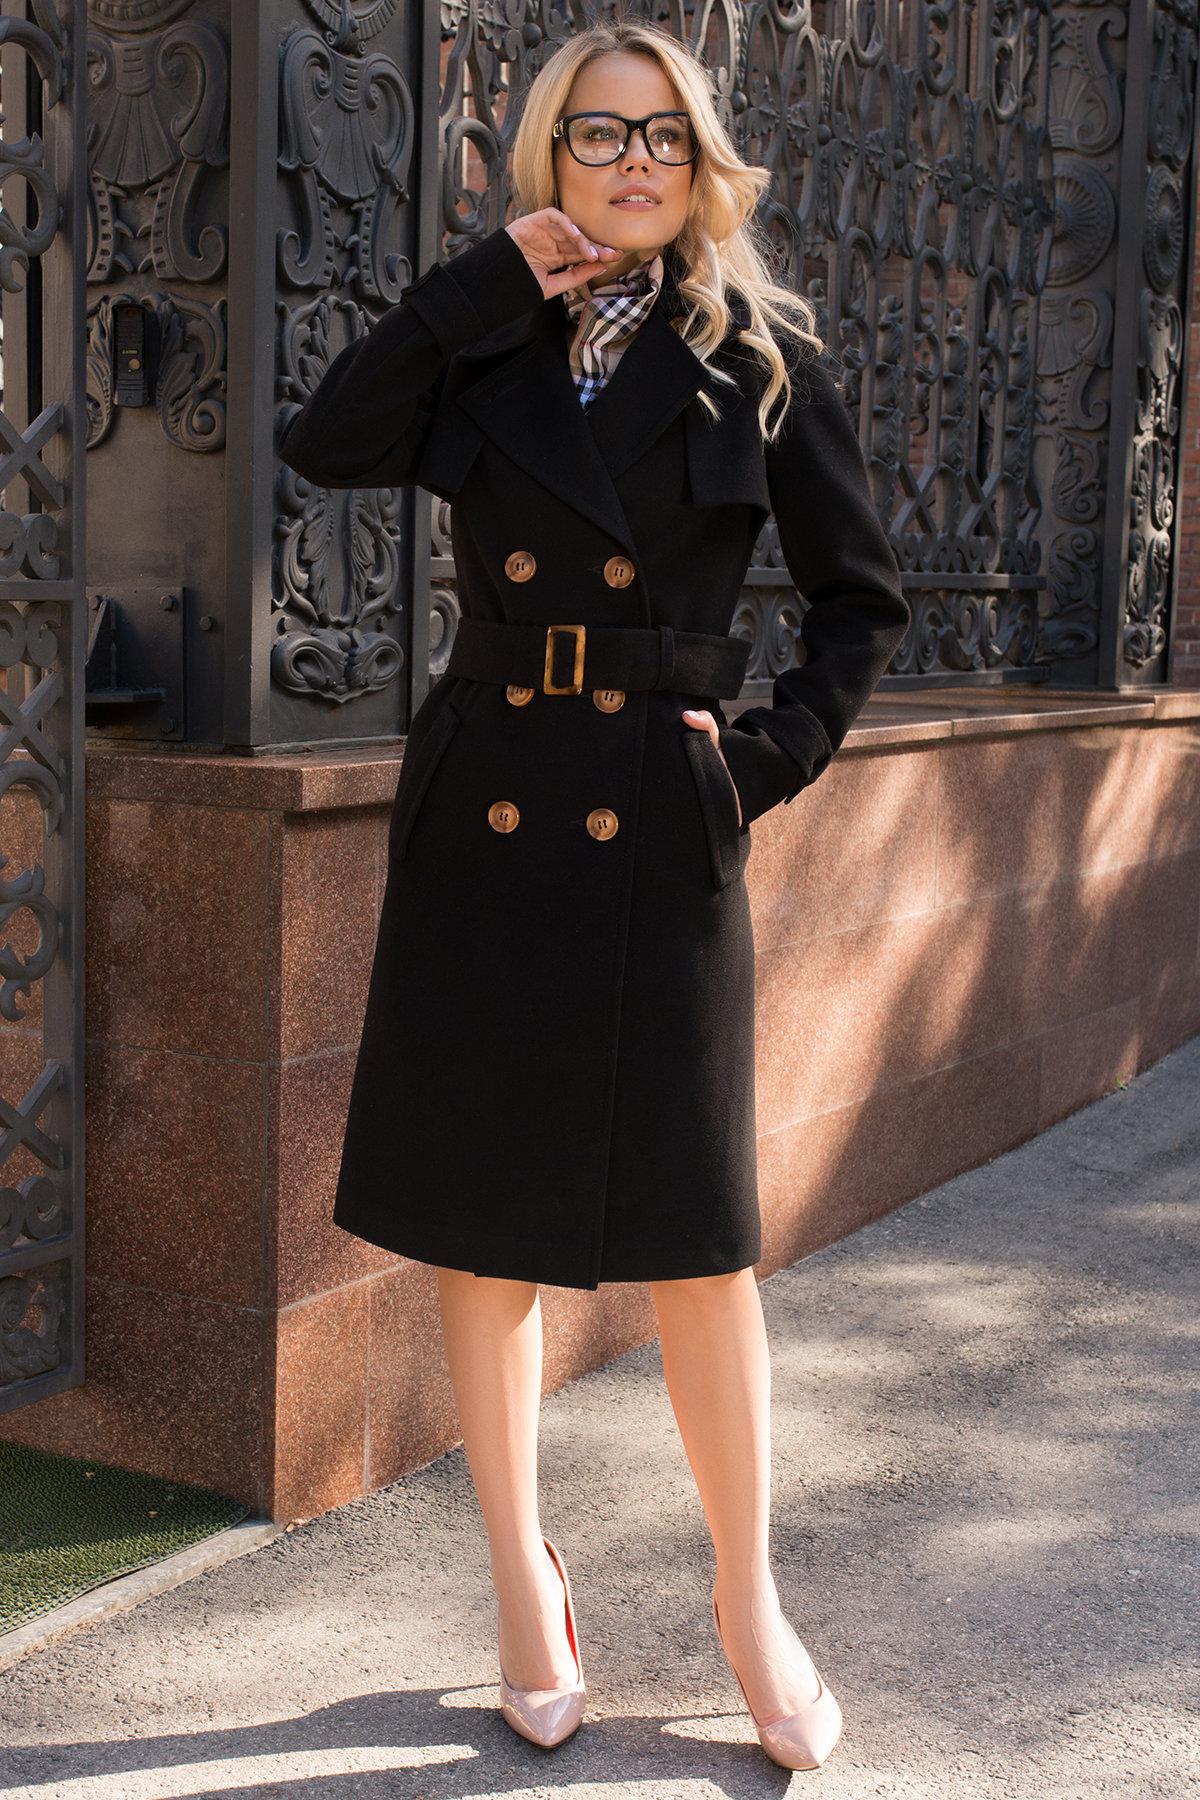 Черное двубортное пальто Монте 7947 АРТ. 43907 Цвет: Черный - фото 1, интернет магазин tm-modus.ru